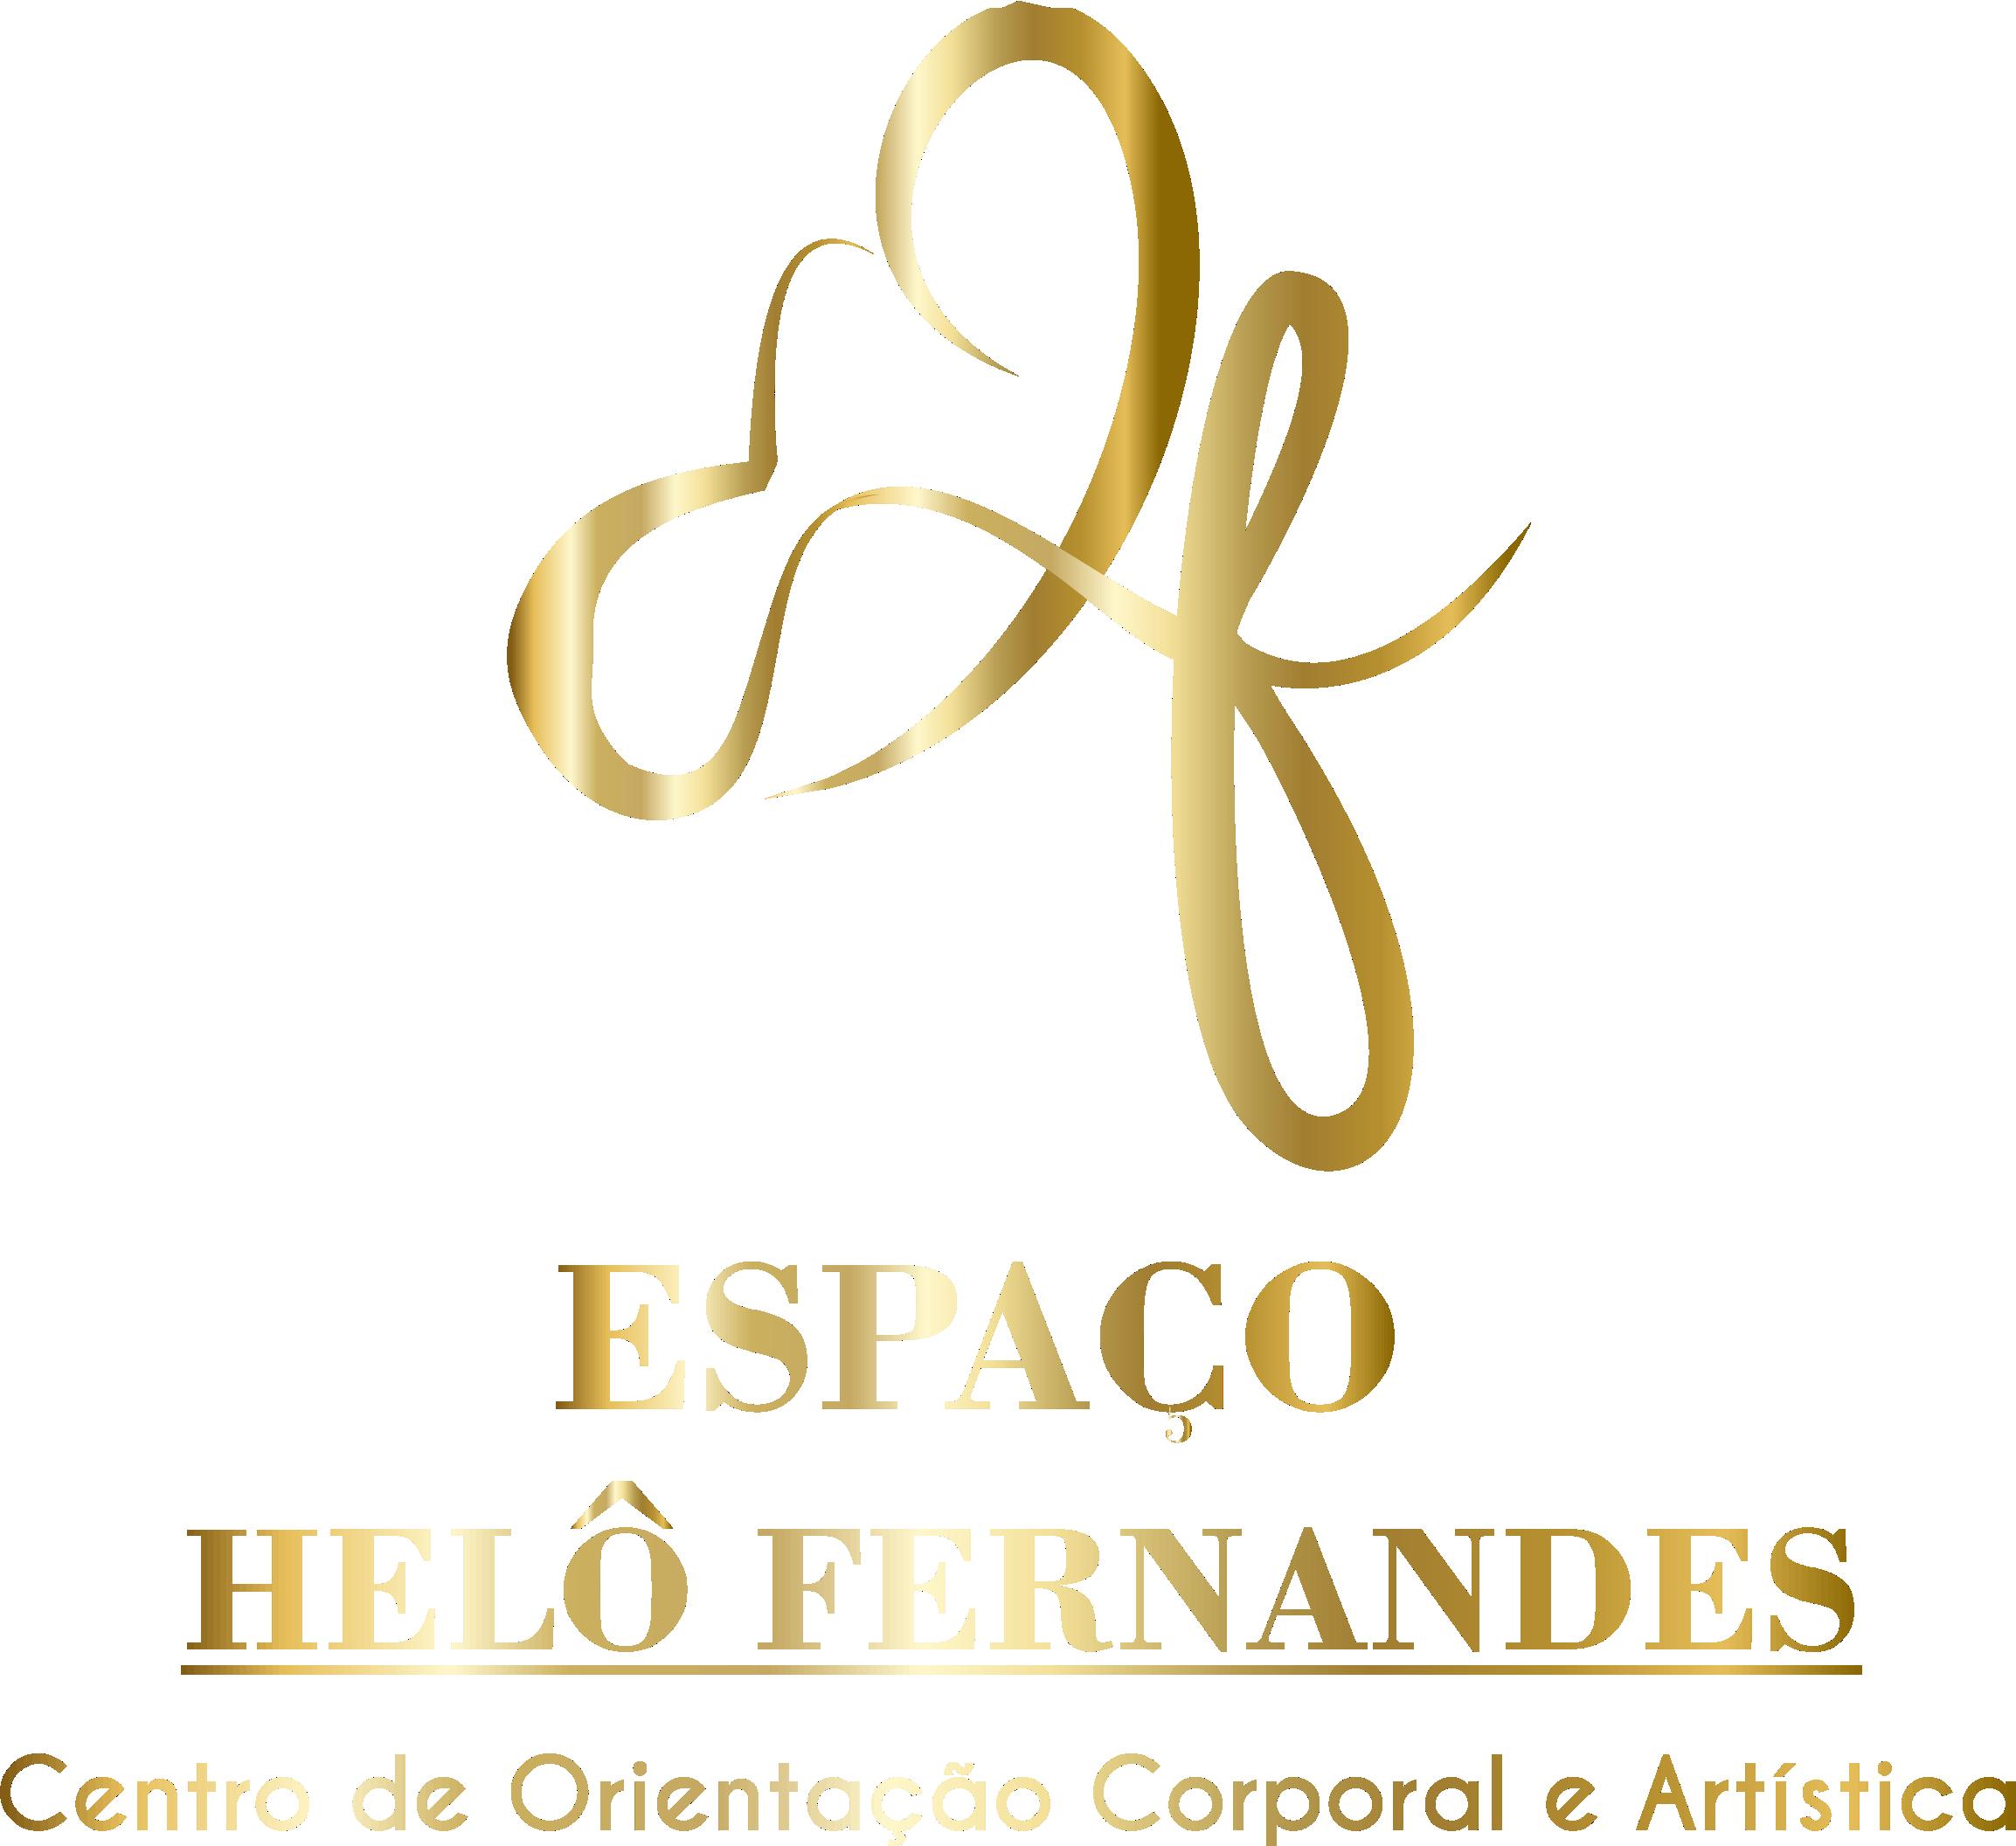 Espaço Helo Fernandes